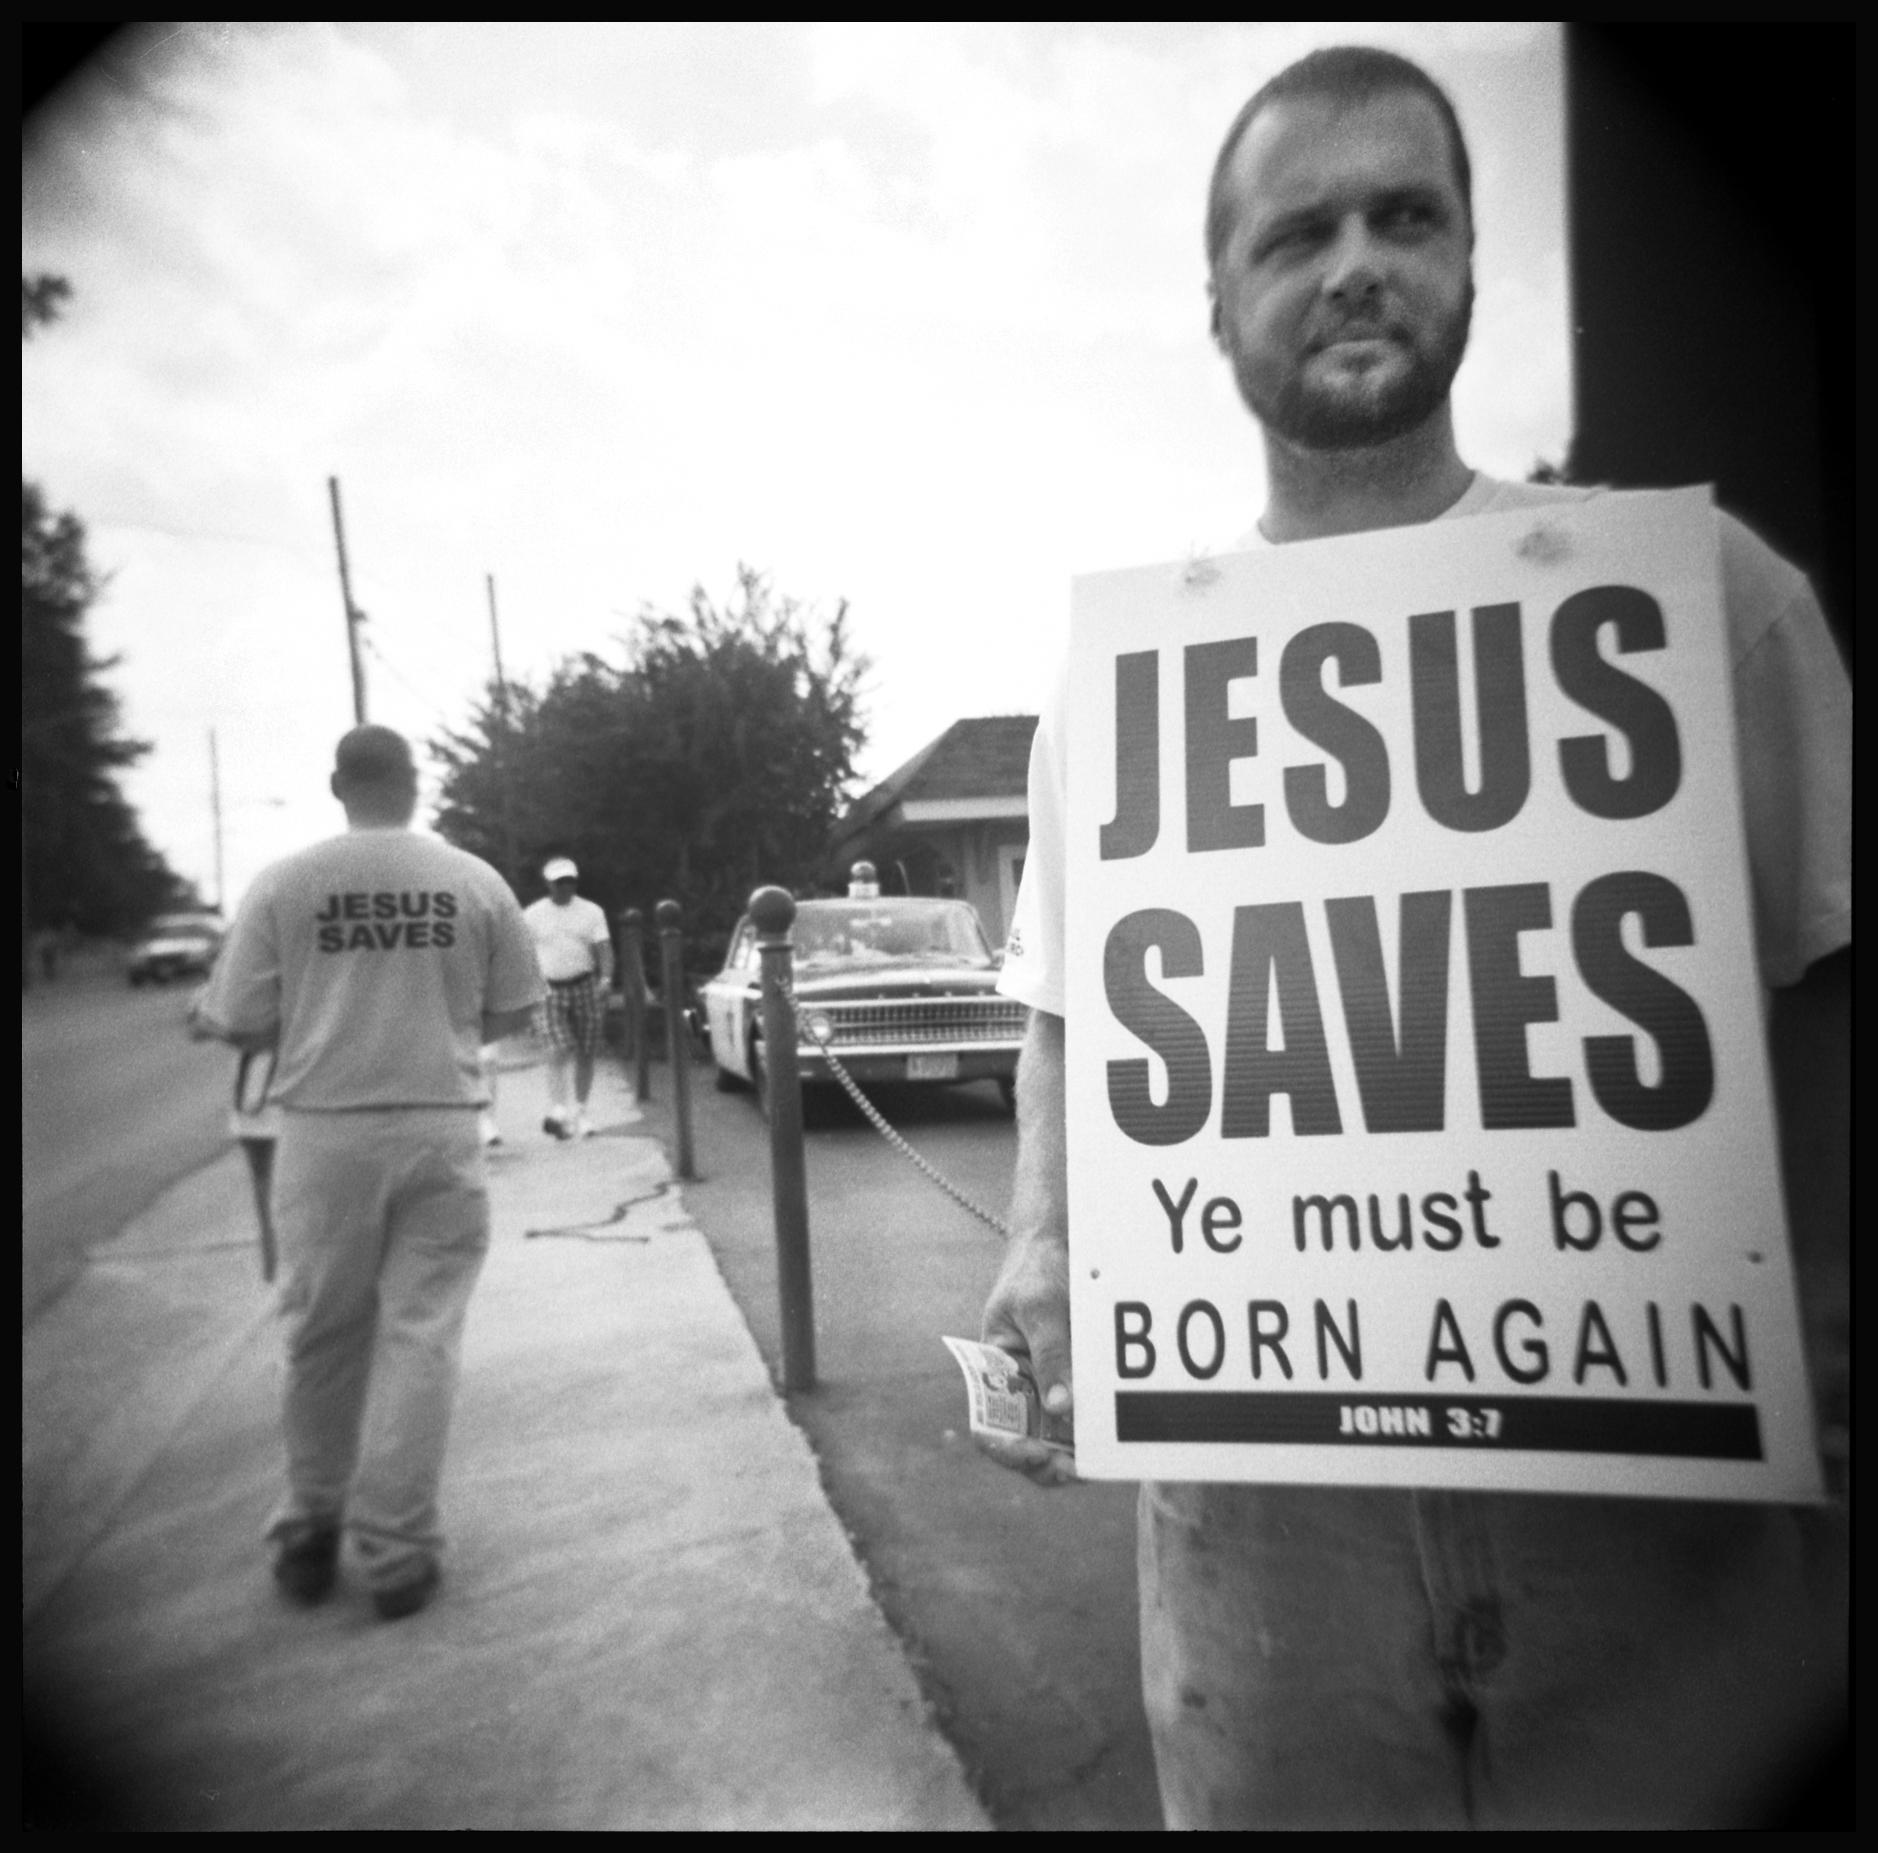 John 3:7